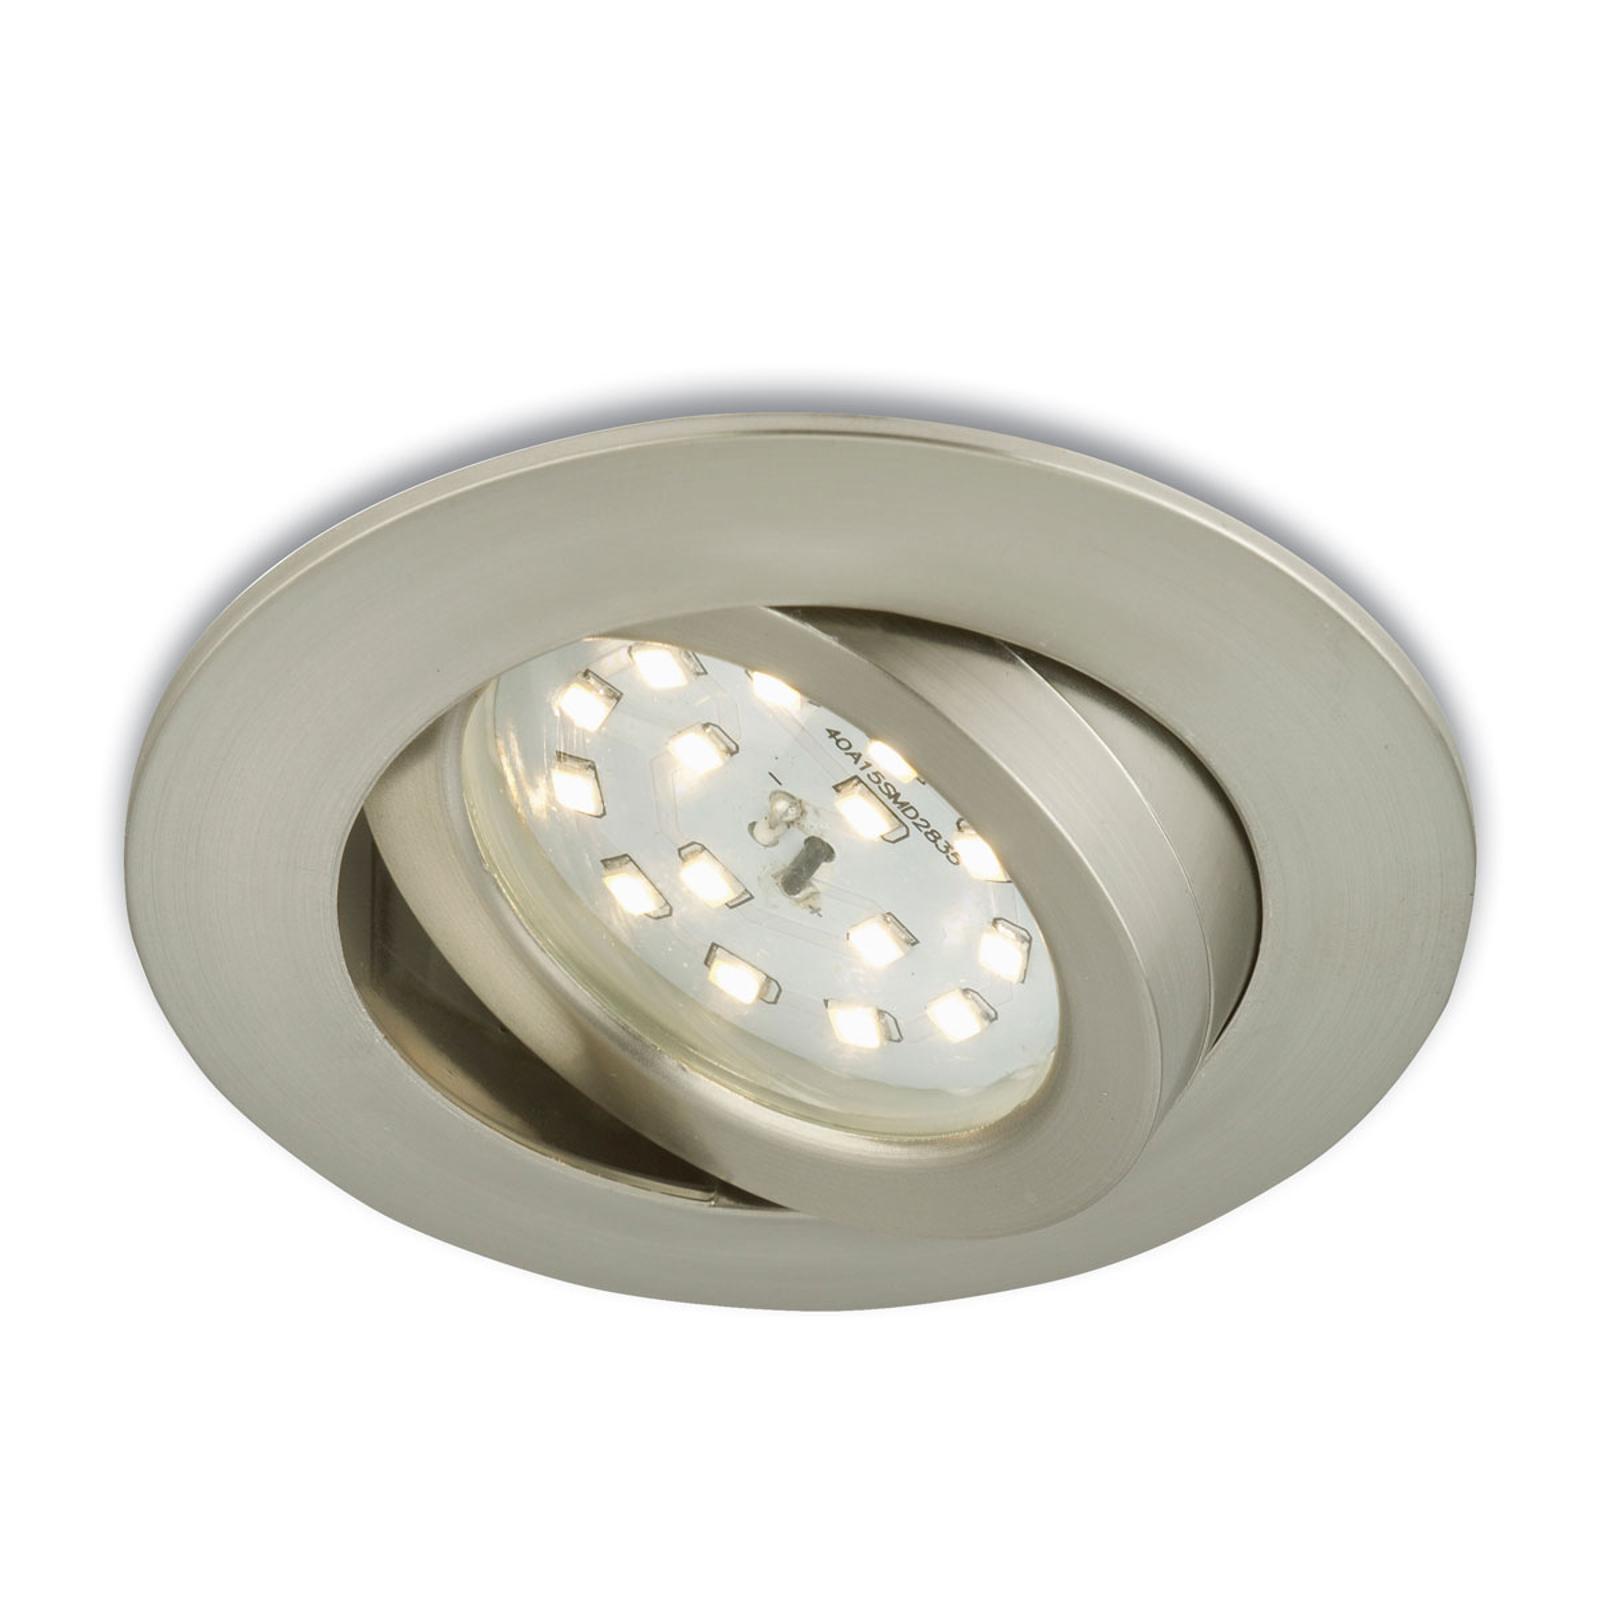 Flexibilní LED podhledové svítidlo Erik matný nikl